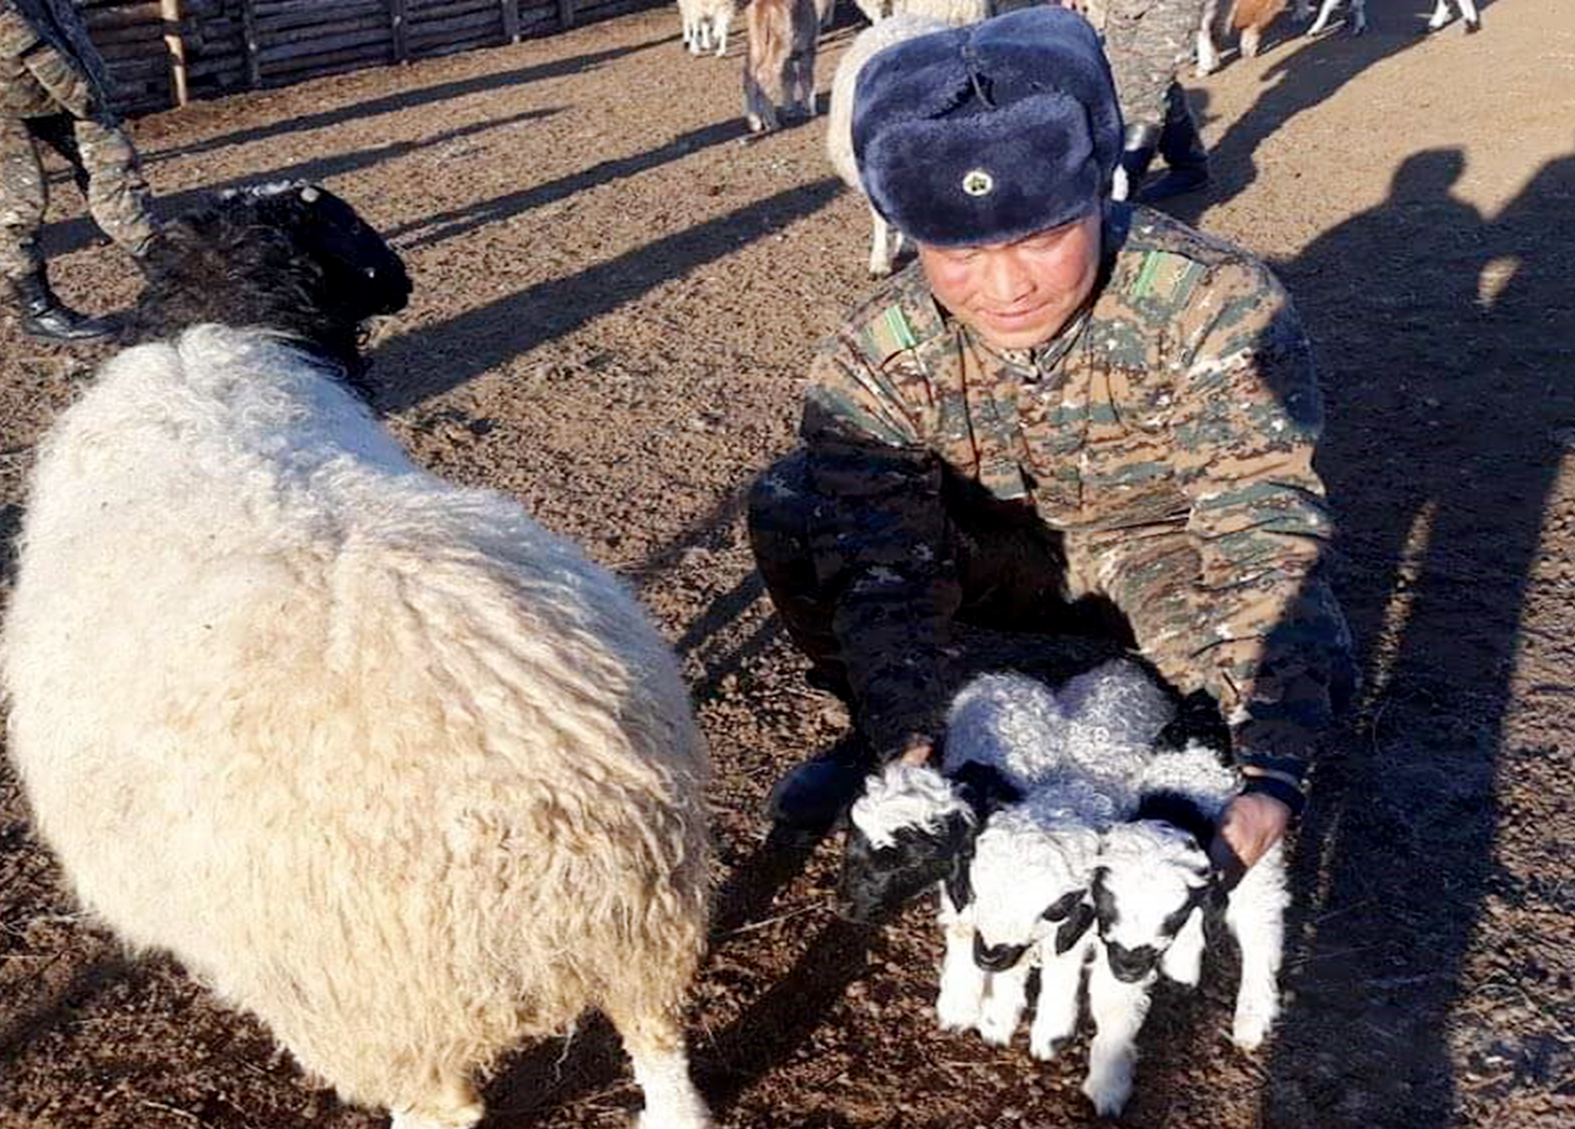 Хилчний хотонд гурван ихэр хурга мэндэлжээ